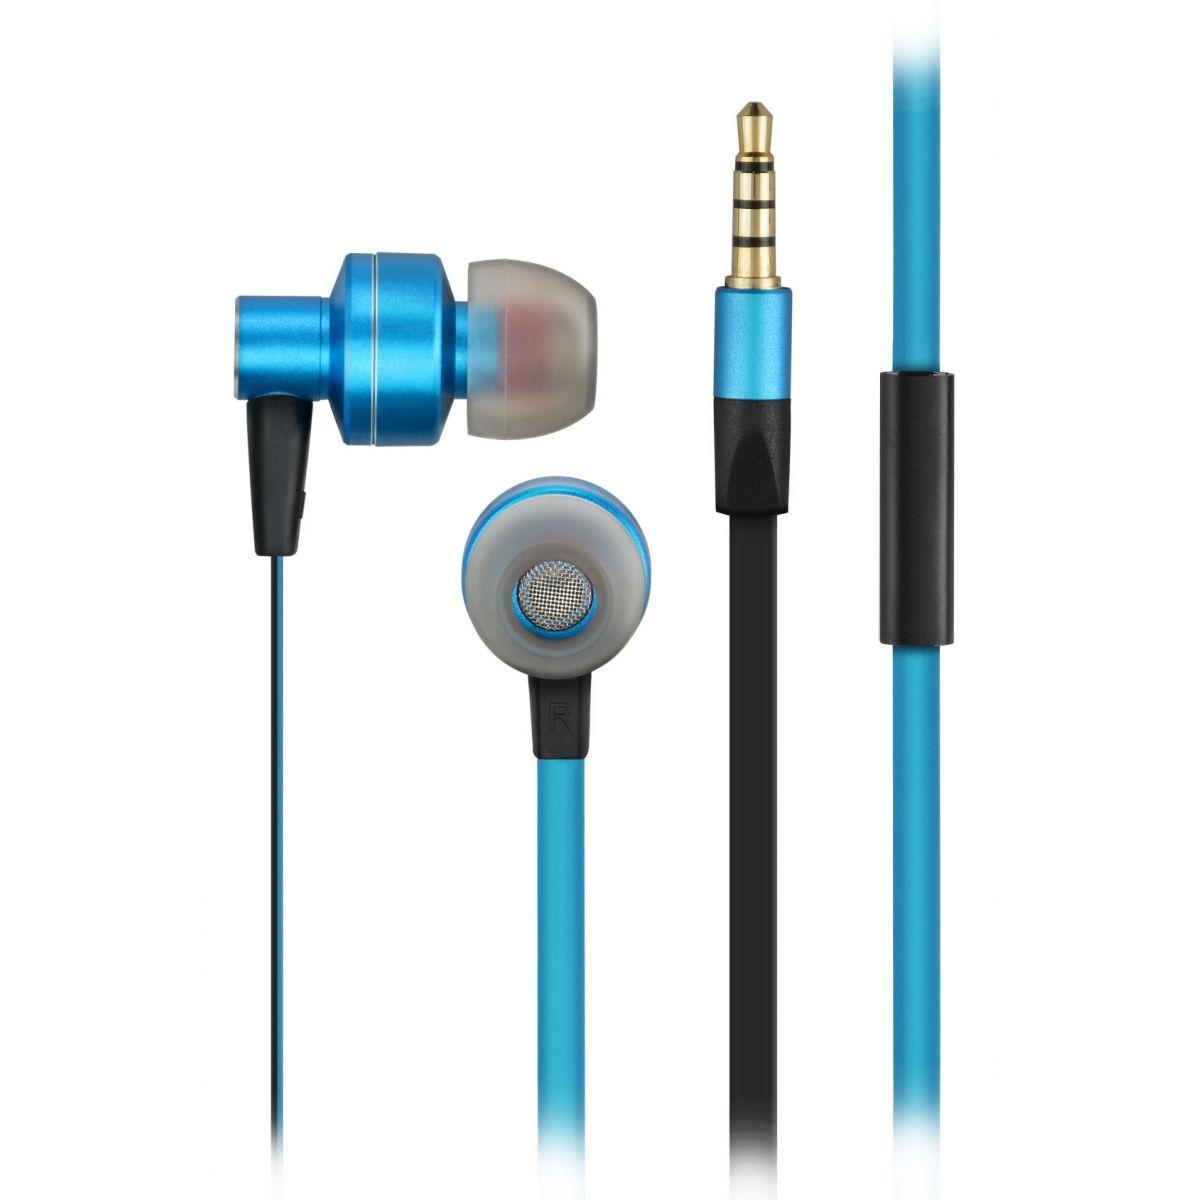 Fone de Ouvido Pulse com Microfone PH157 Multilaser Azul e Preto